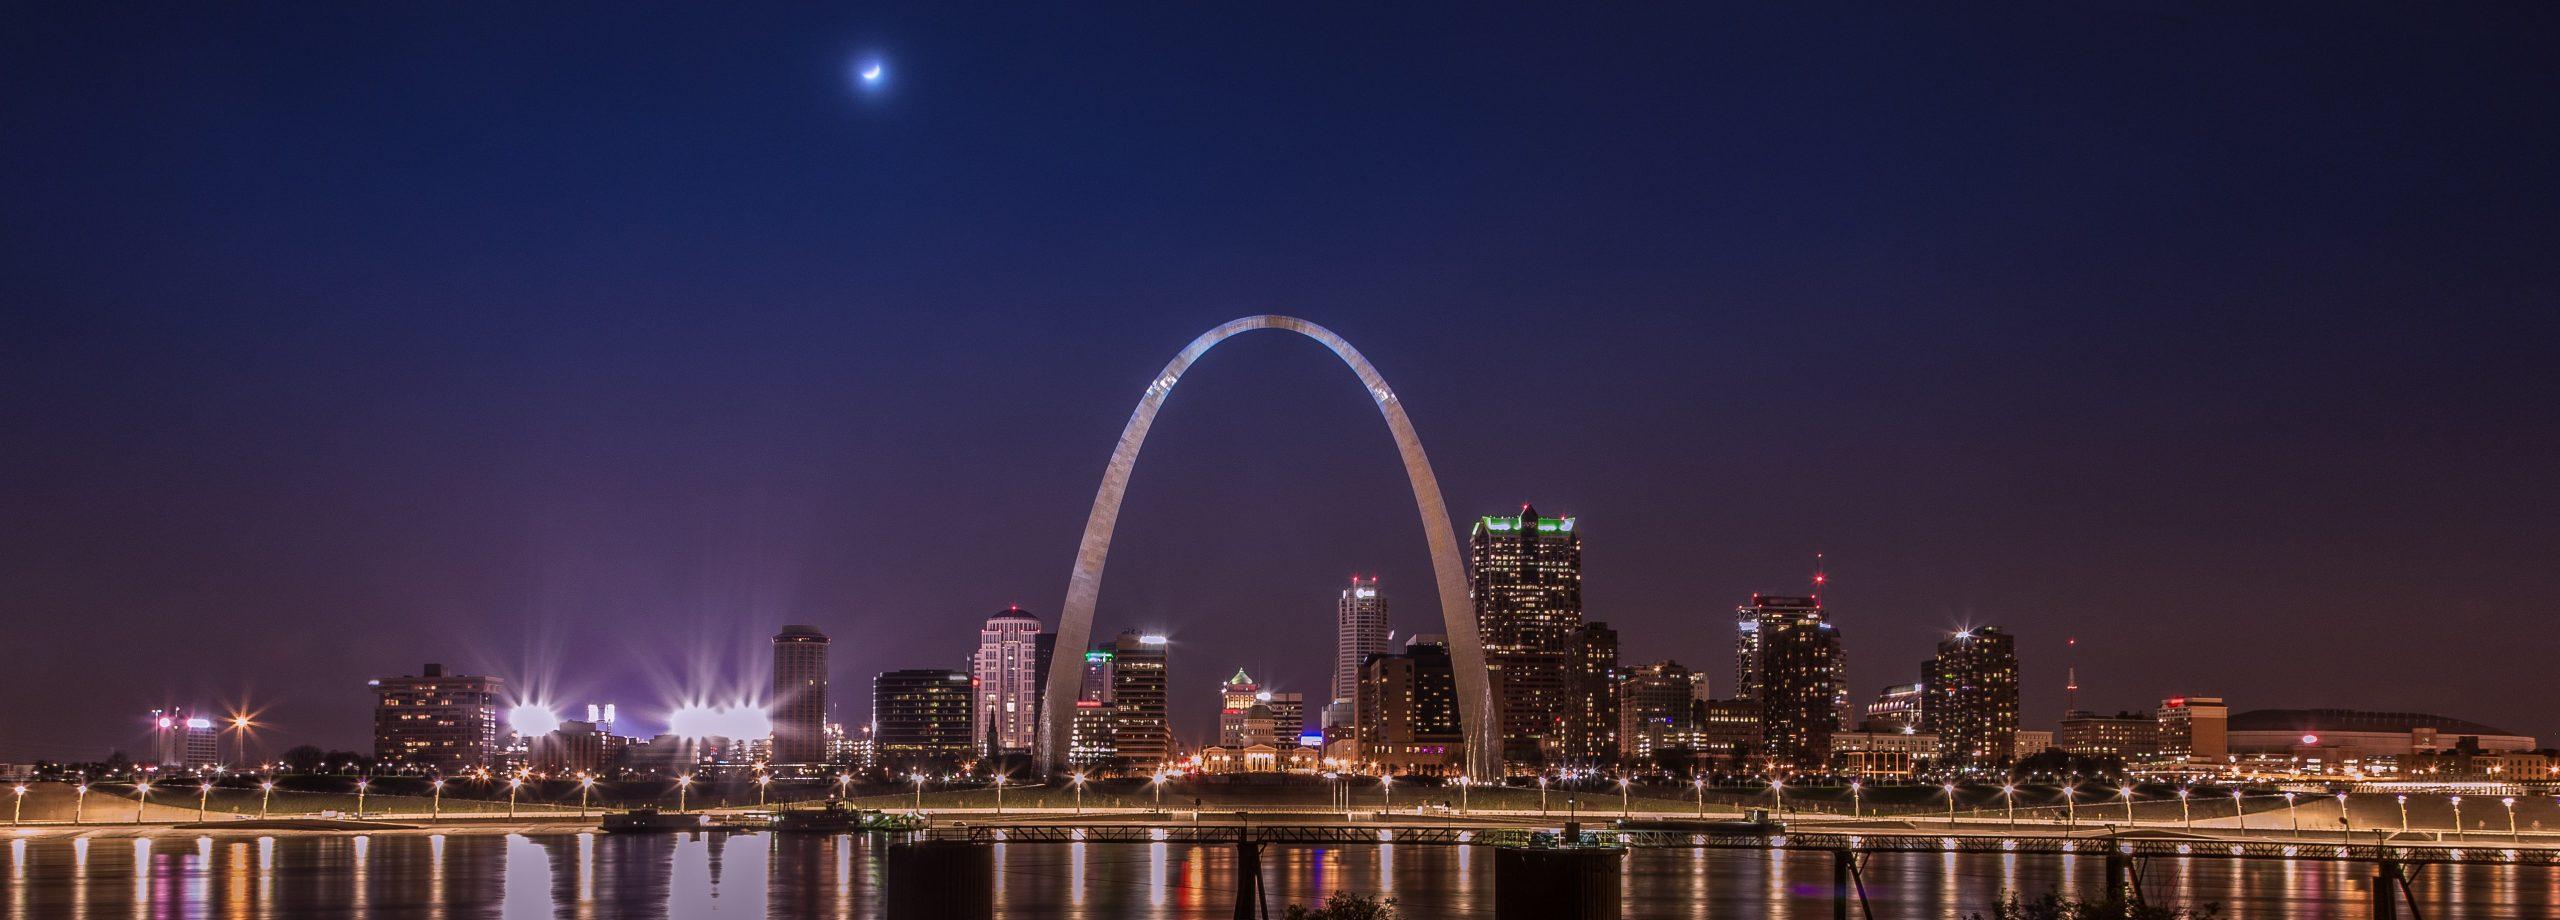 St. Louis Missouri, Drug Rehab